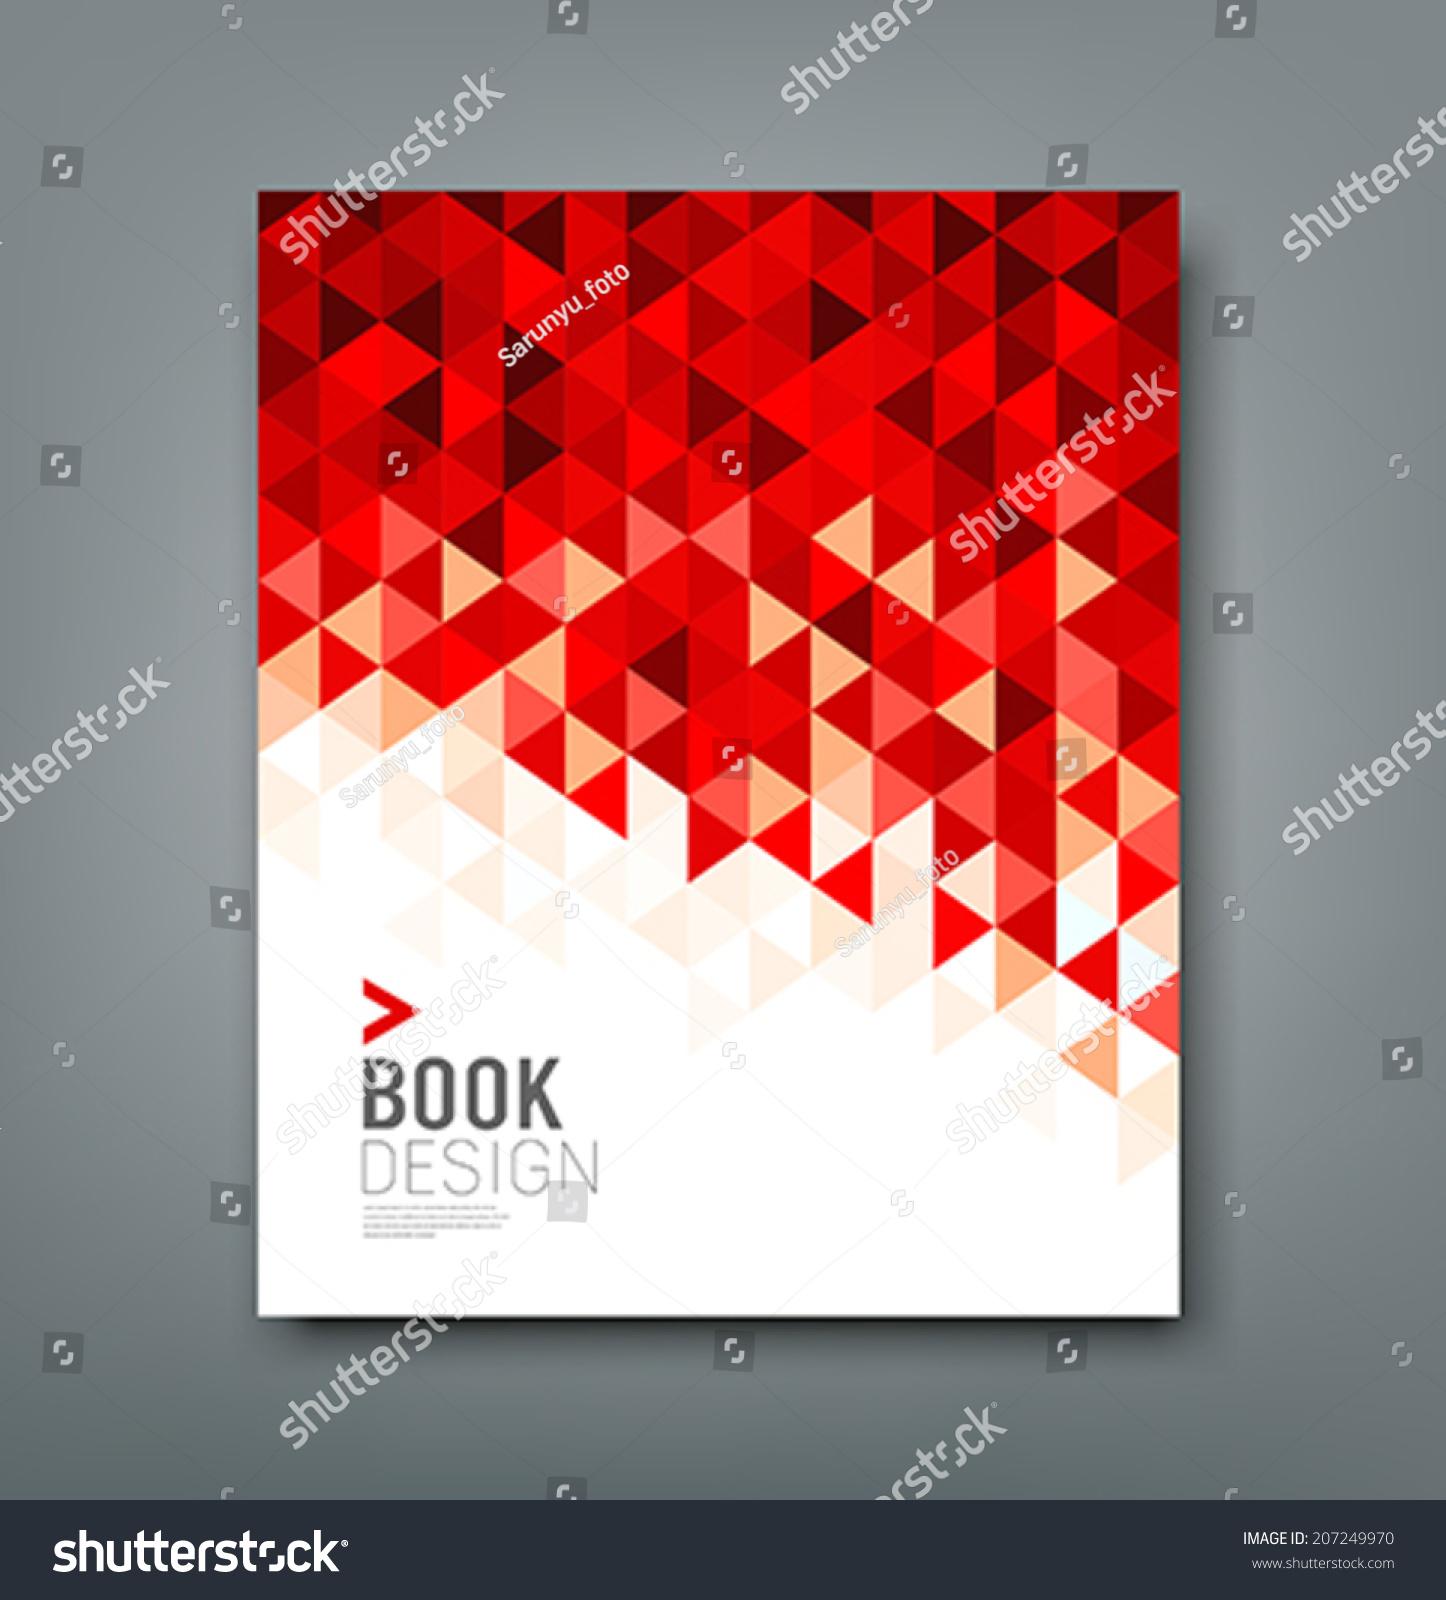 覆盖报告红色三角形几何图案设计背景